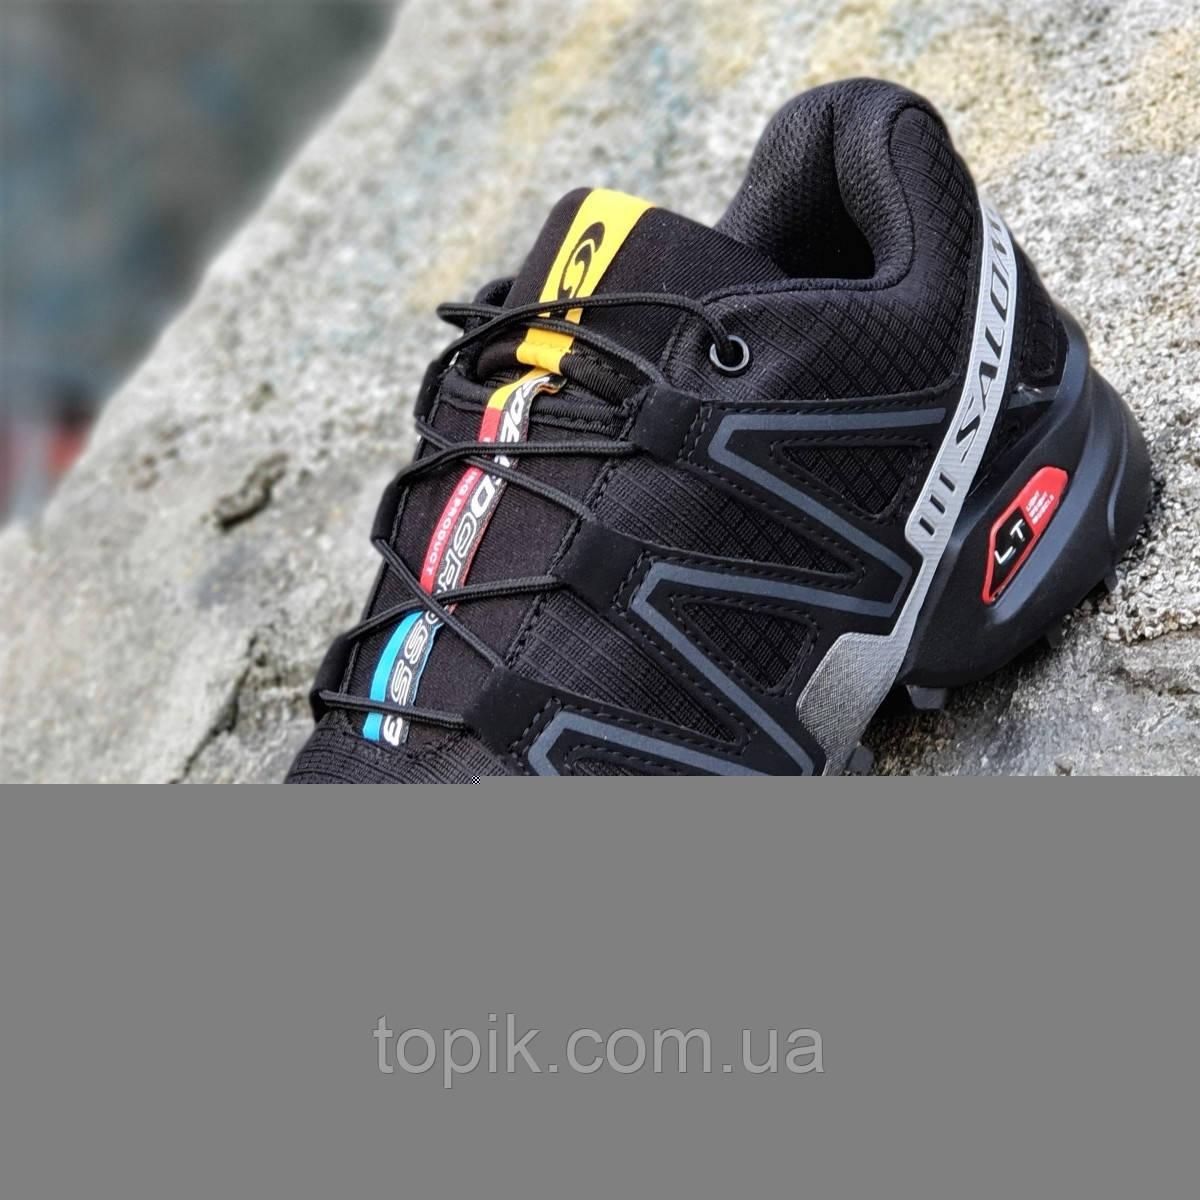 Кроссовки спортивные реплика мужские черные легкие для бега эластичная подошва (Код: 1276)